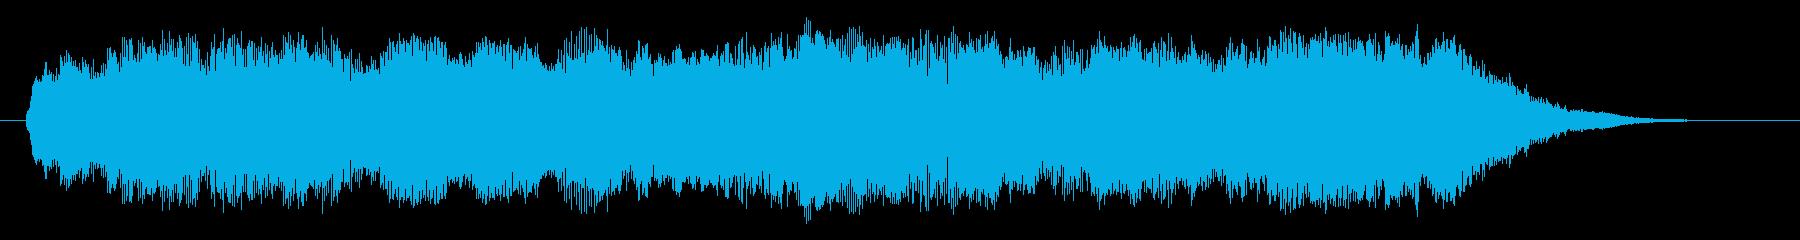 切ないシンセサイザーサウンドのインスト曲の再生済みの波形